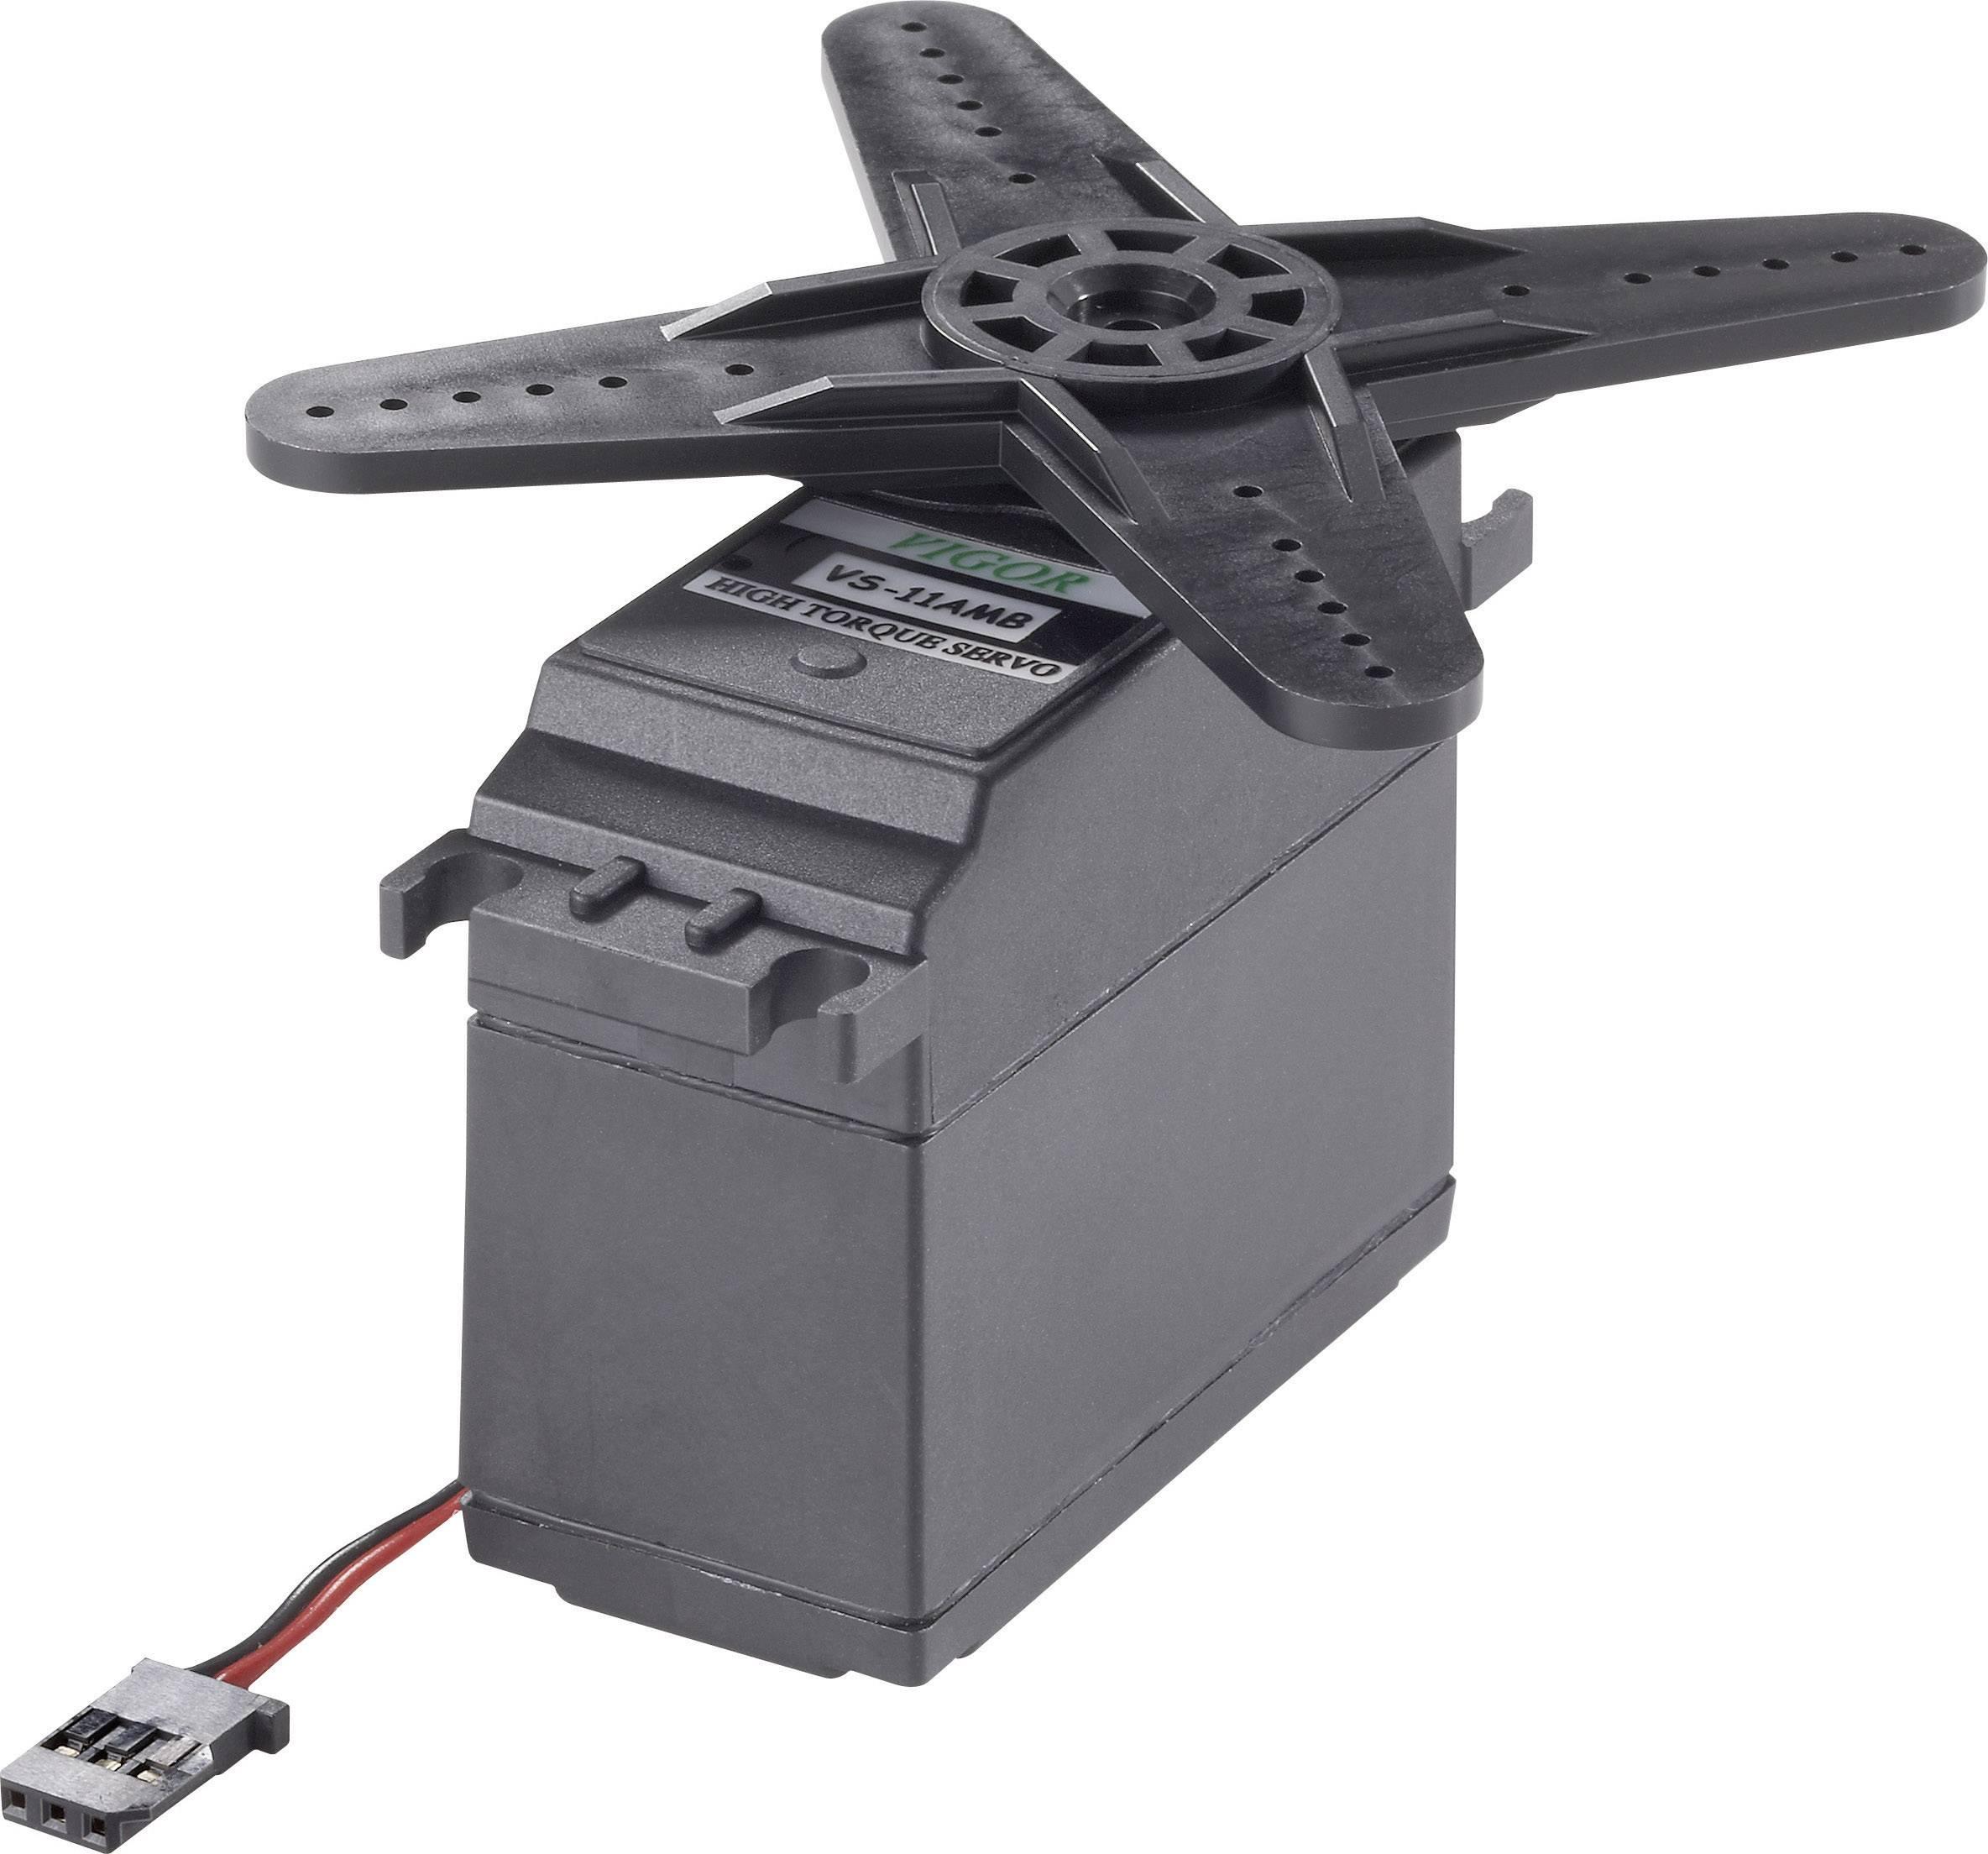 Speciální servo Modelcraft VS-11 AMB, JR konektor